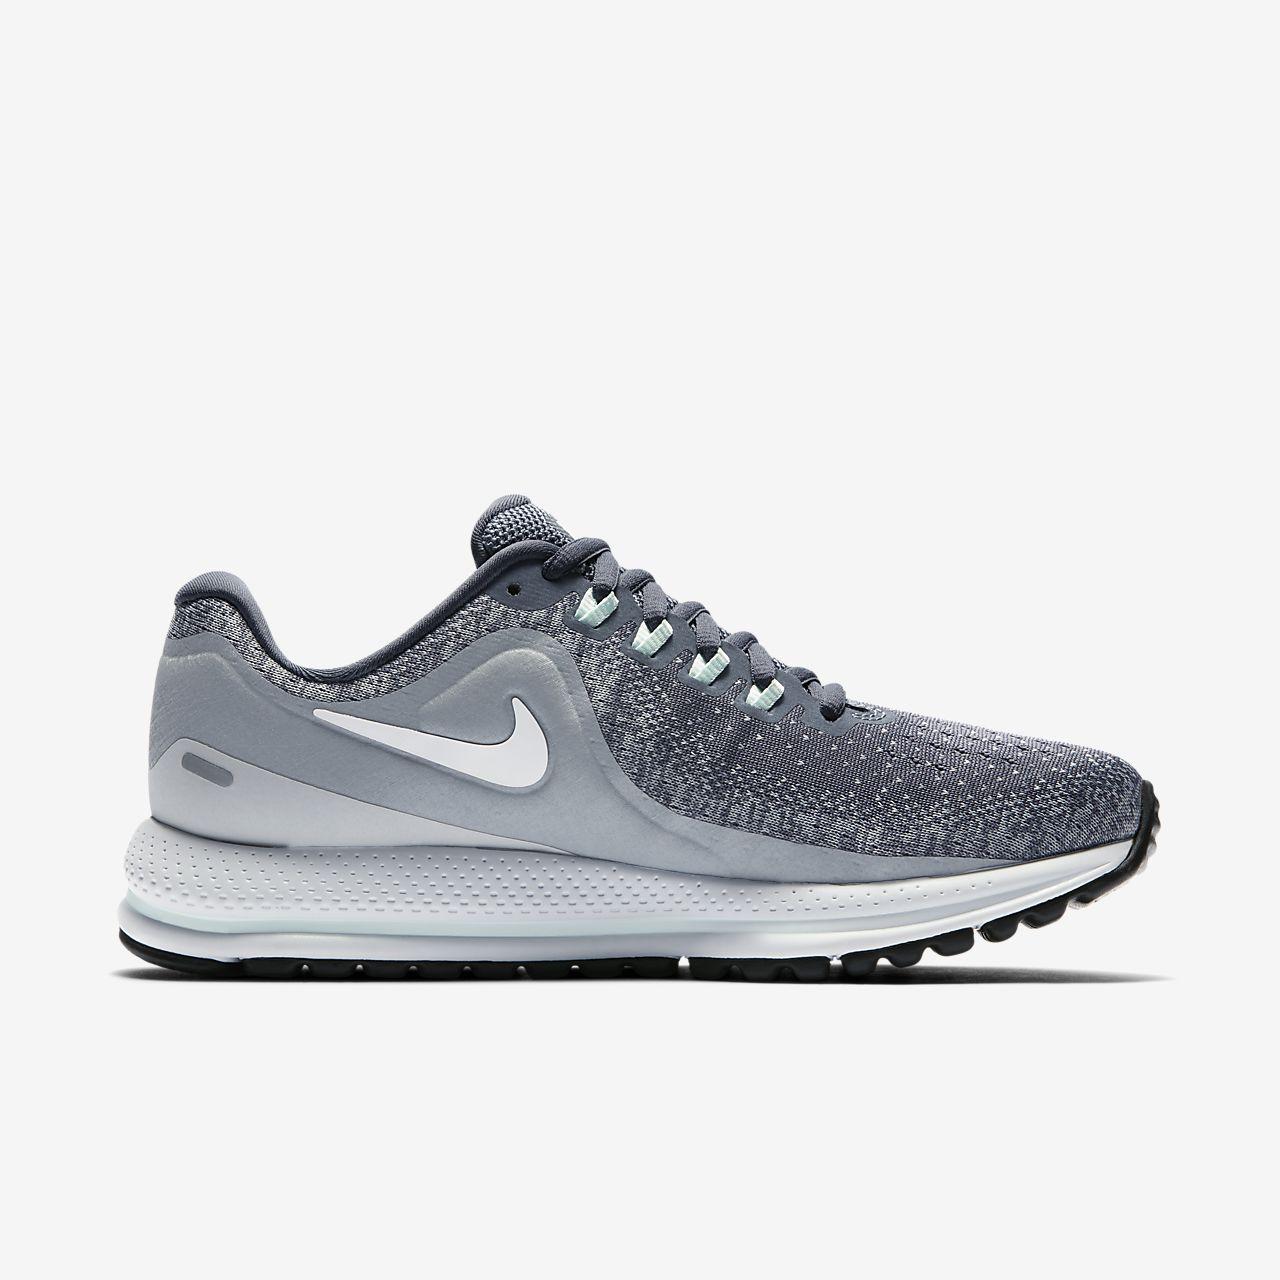 6053177c81bcf Calzado de running para mujer Nike Air Zoom Vomero 13. Nike.com MX